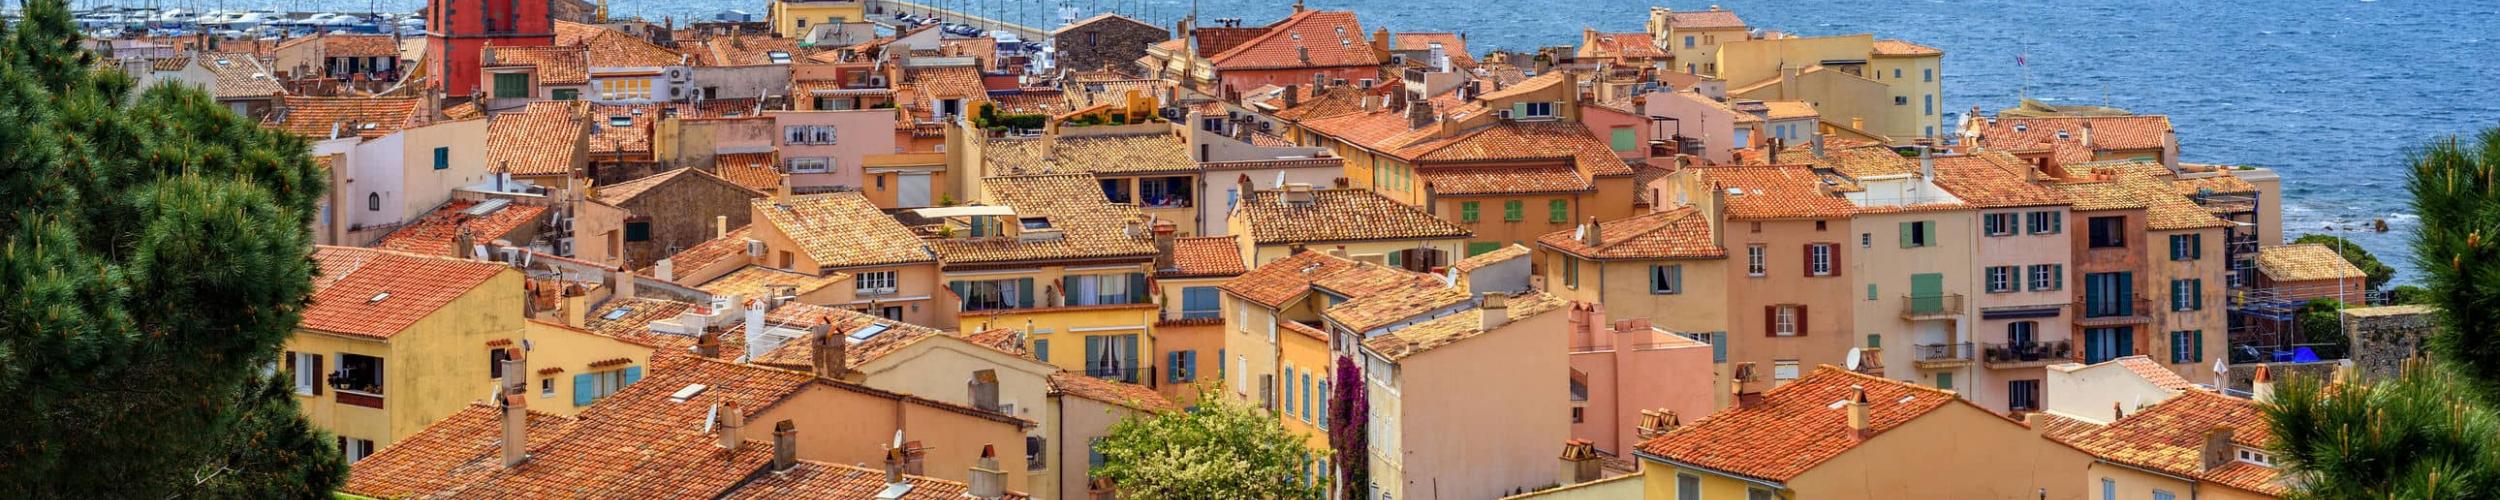 Motorvakantie naar de Provence – Côte d'Azur | Motorreizen Frankrijk